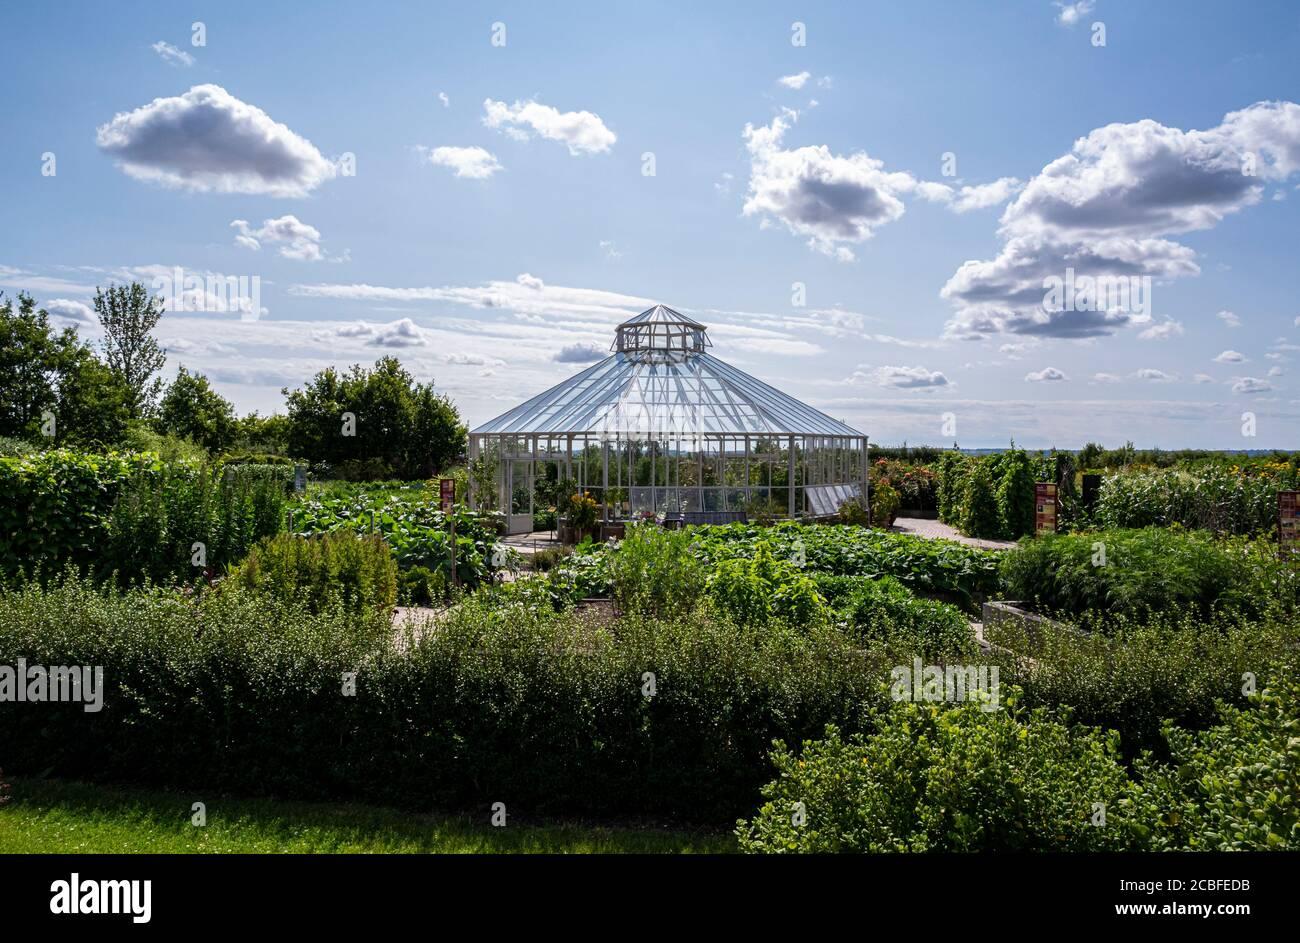 The Global Growth Gemüsegarten und achteckiges Gewächshaus, Hyde Hall, Essex, Großbritannien. Stockfoto